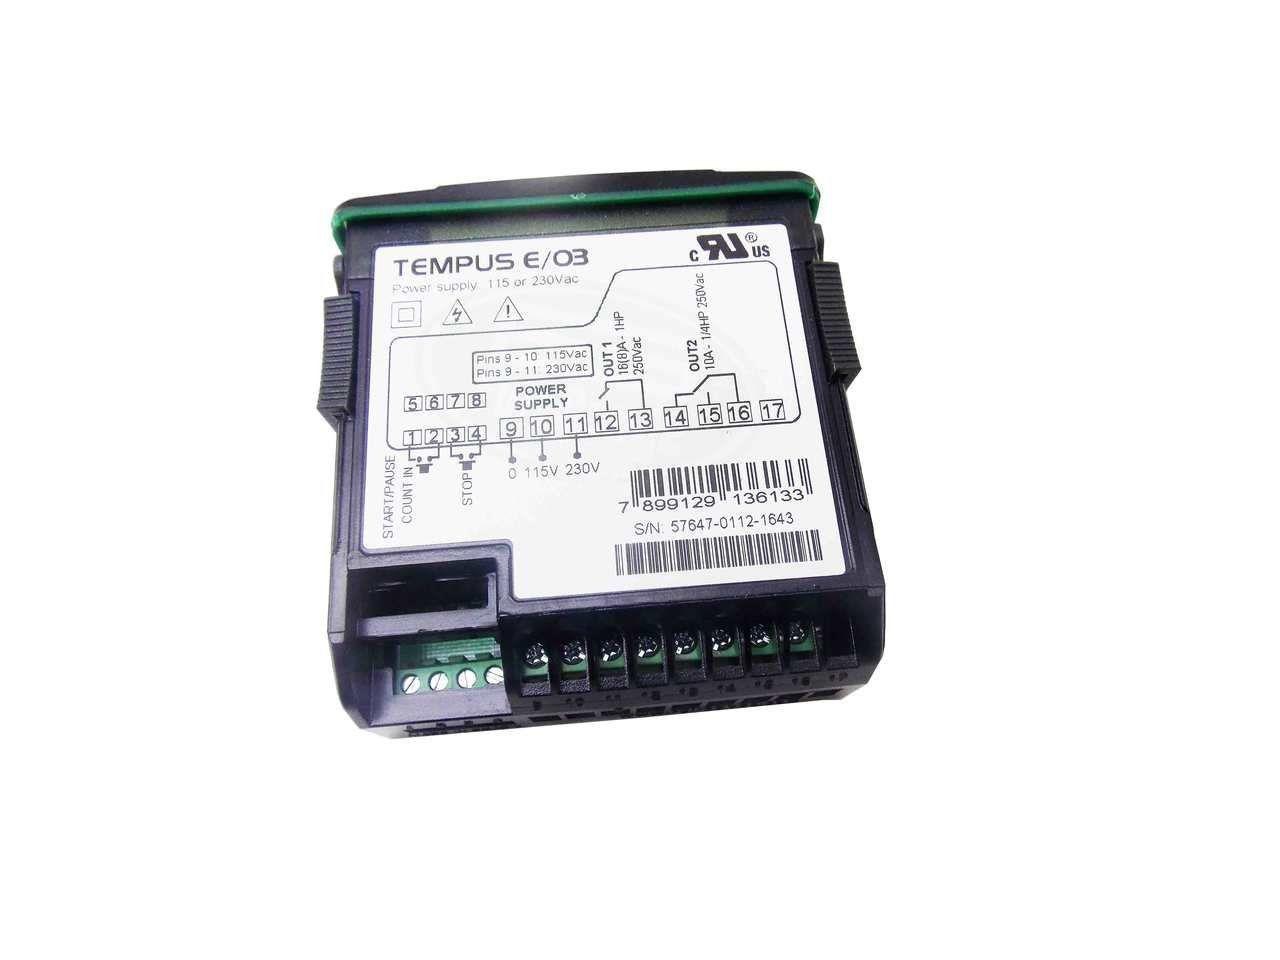 Temporizador Digital 115/230VAC Versão 03 Full Gauge